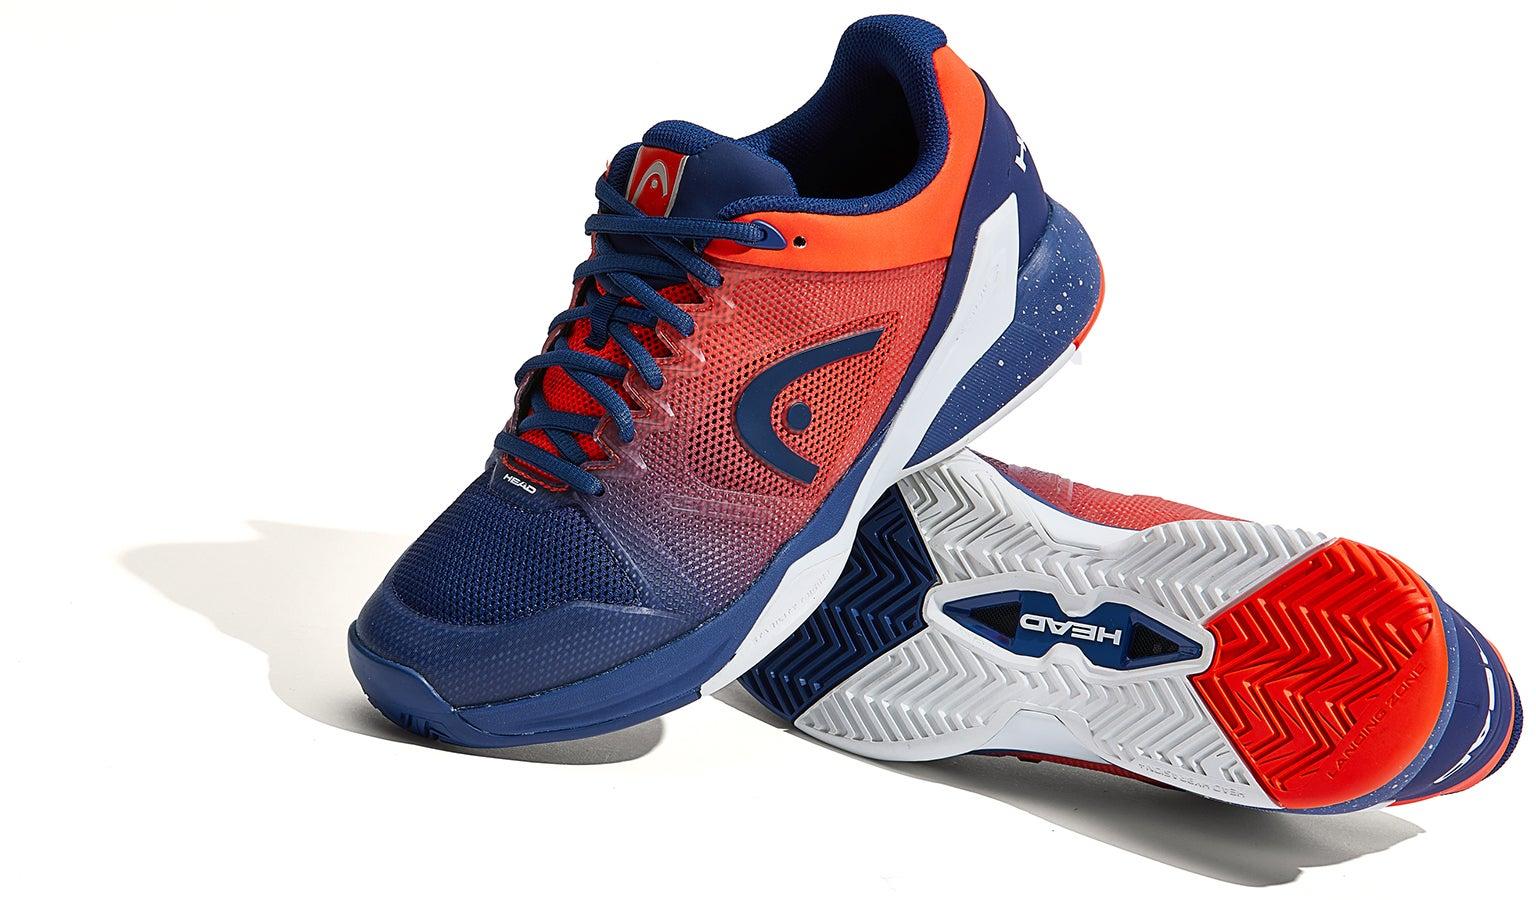 08541612c0033 Tennis Warehouse - Head Revolt Pro 2.5 Men s Shoe Review